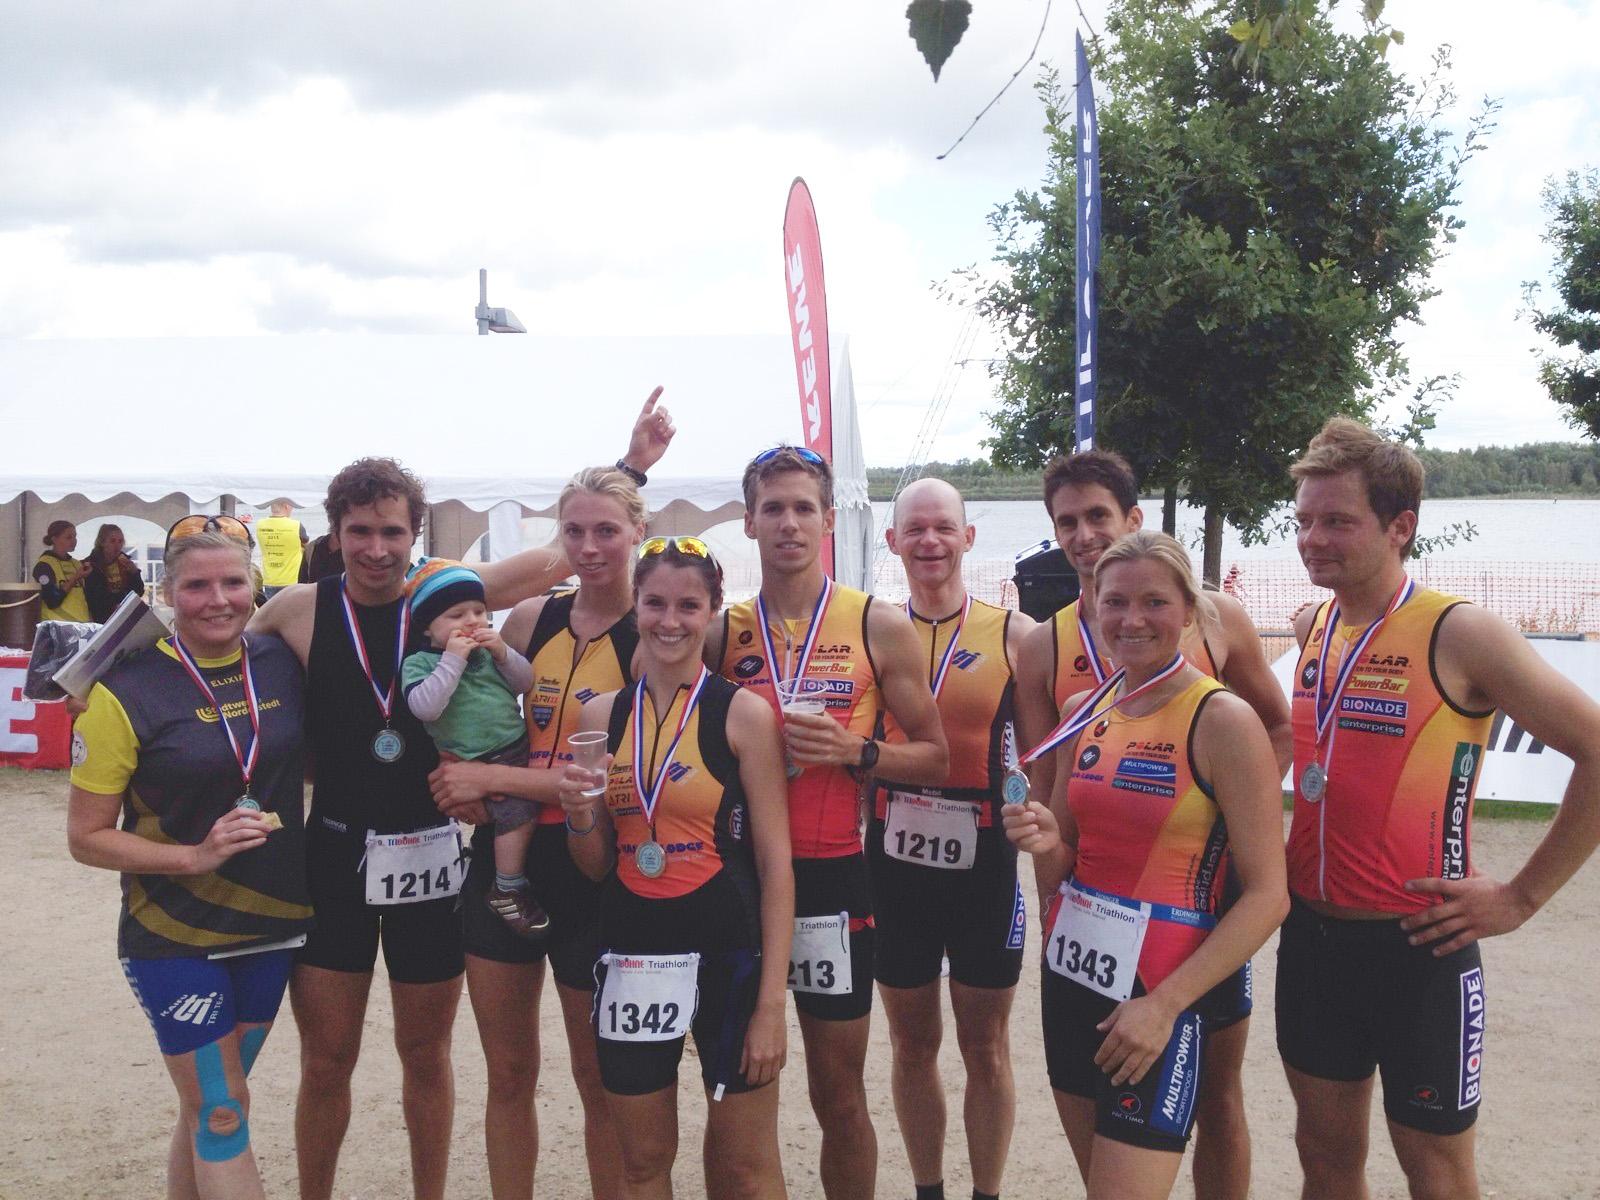 Gelungener Saisonabschluss In Der Landesliga Beim Elbe- Und Tribüne Triathlon